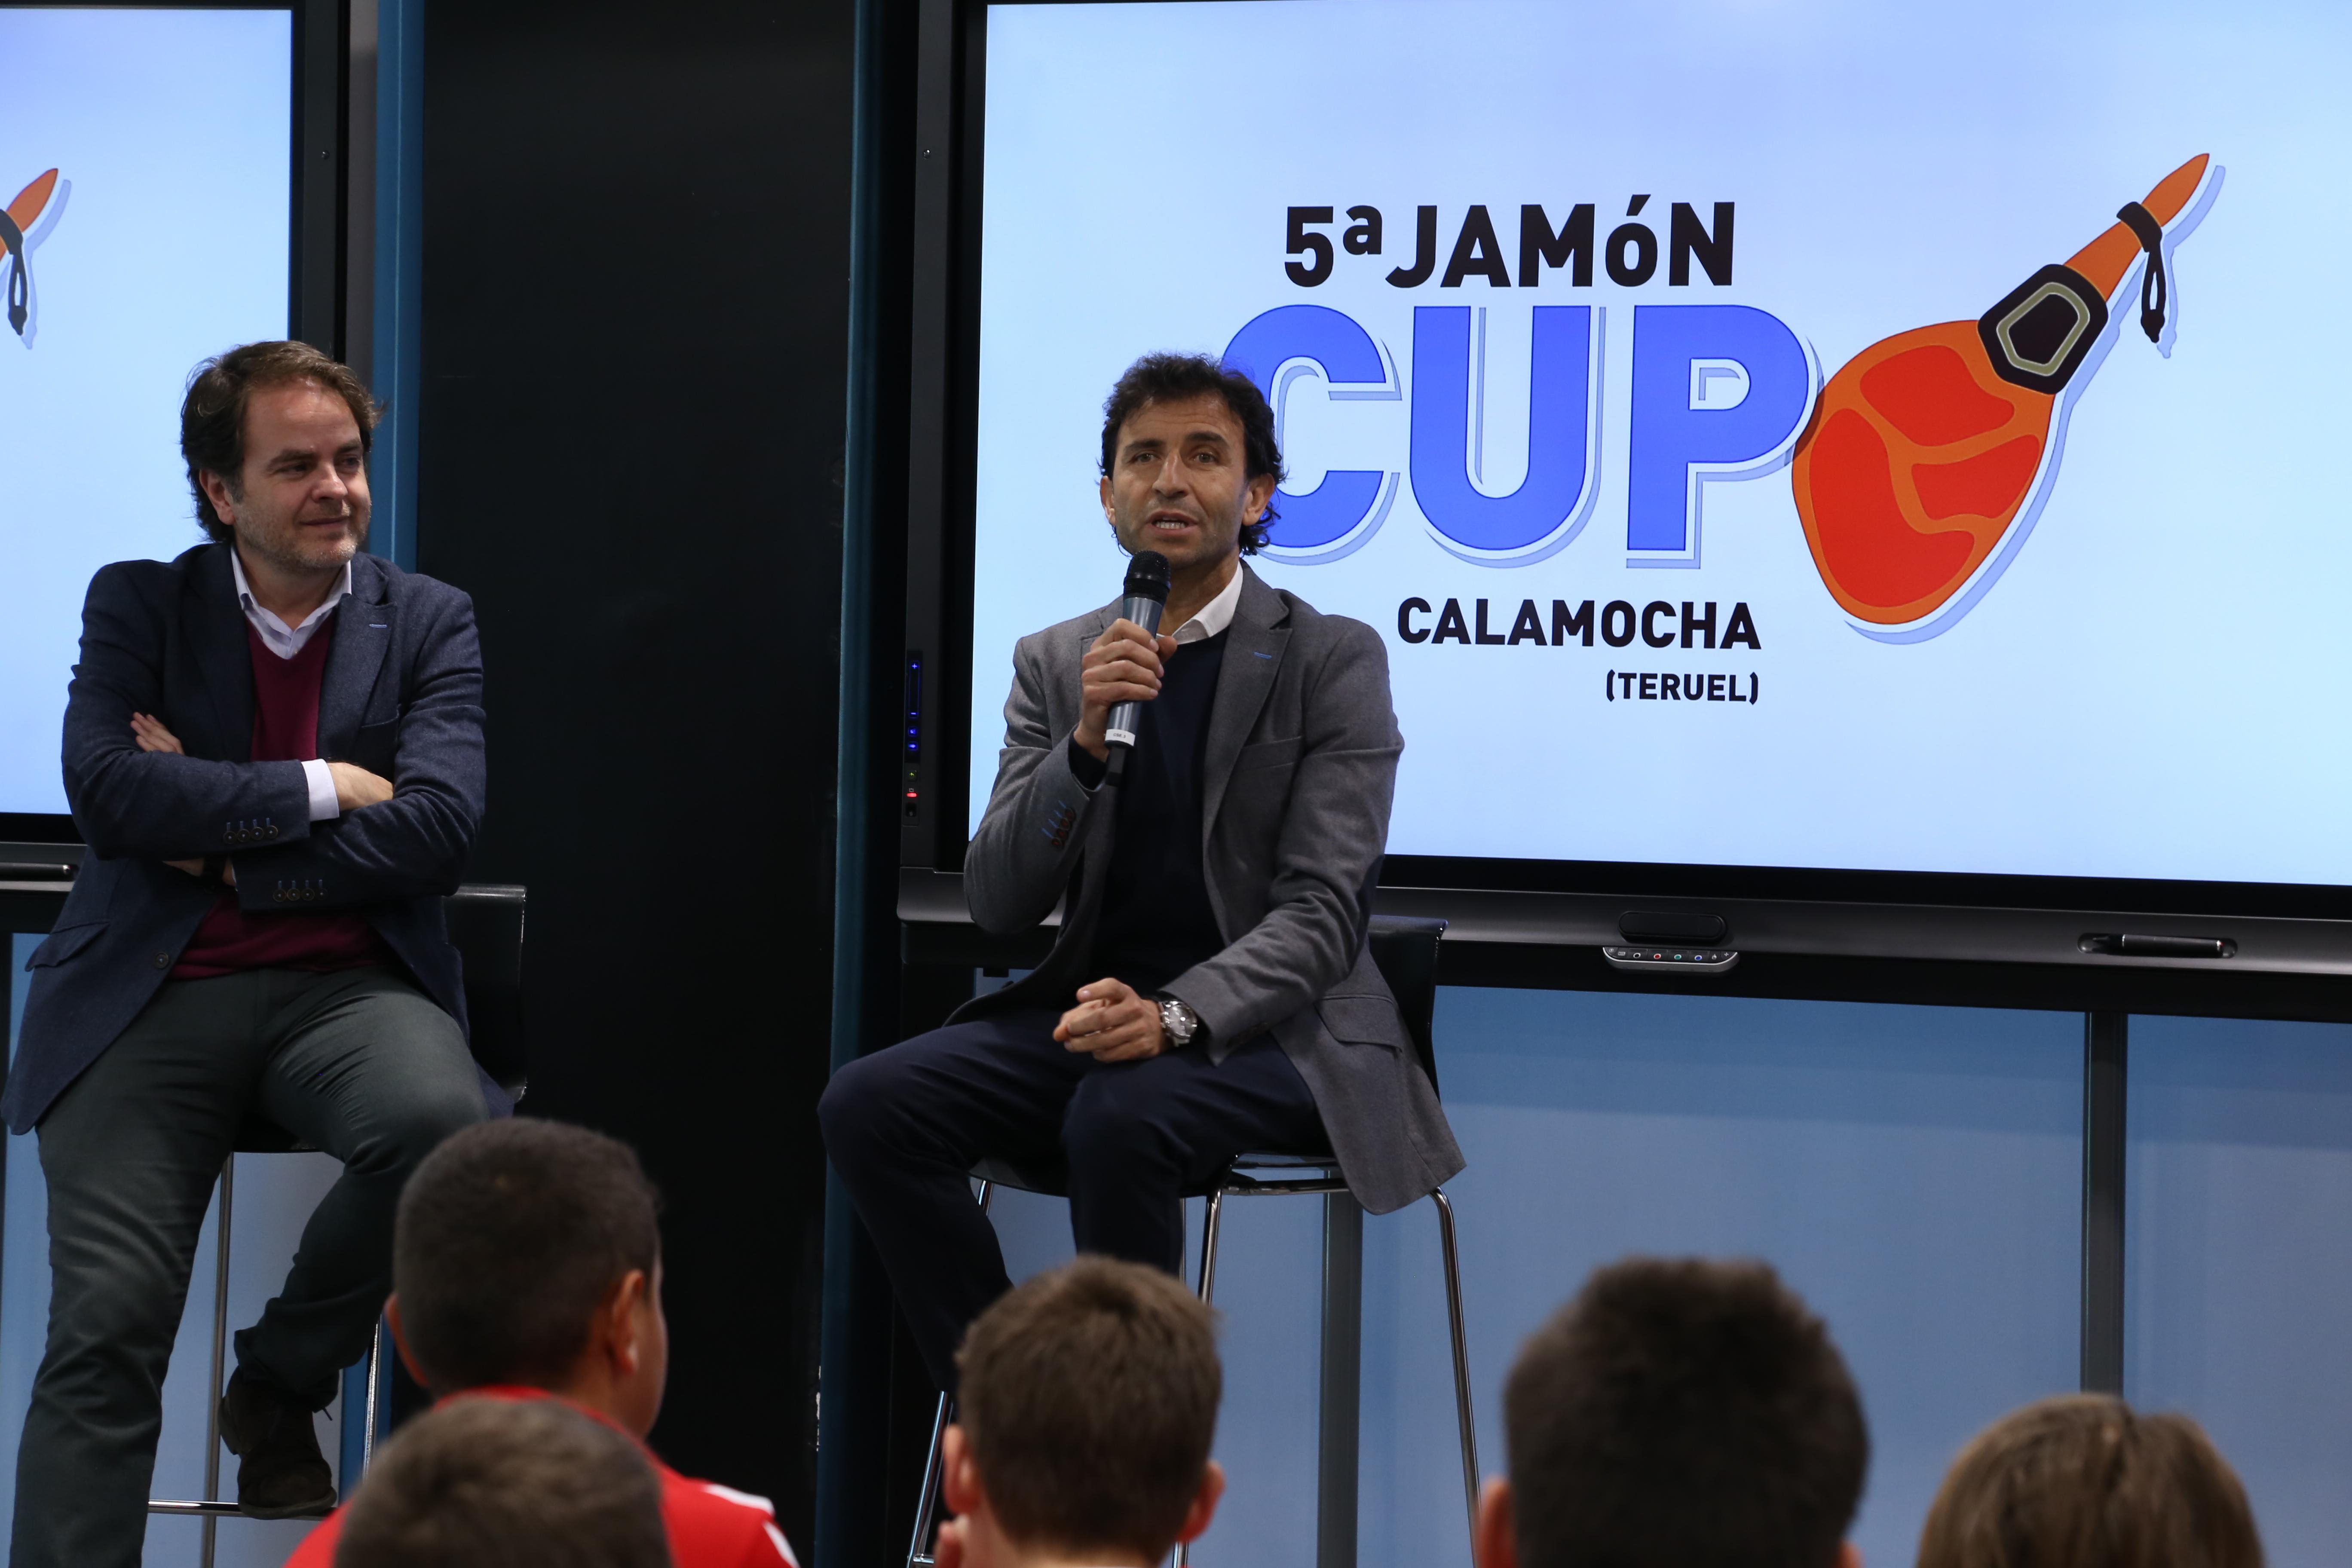 presentación Jamón Cup 2019-5